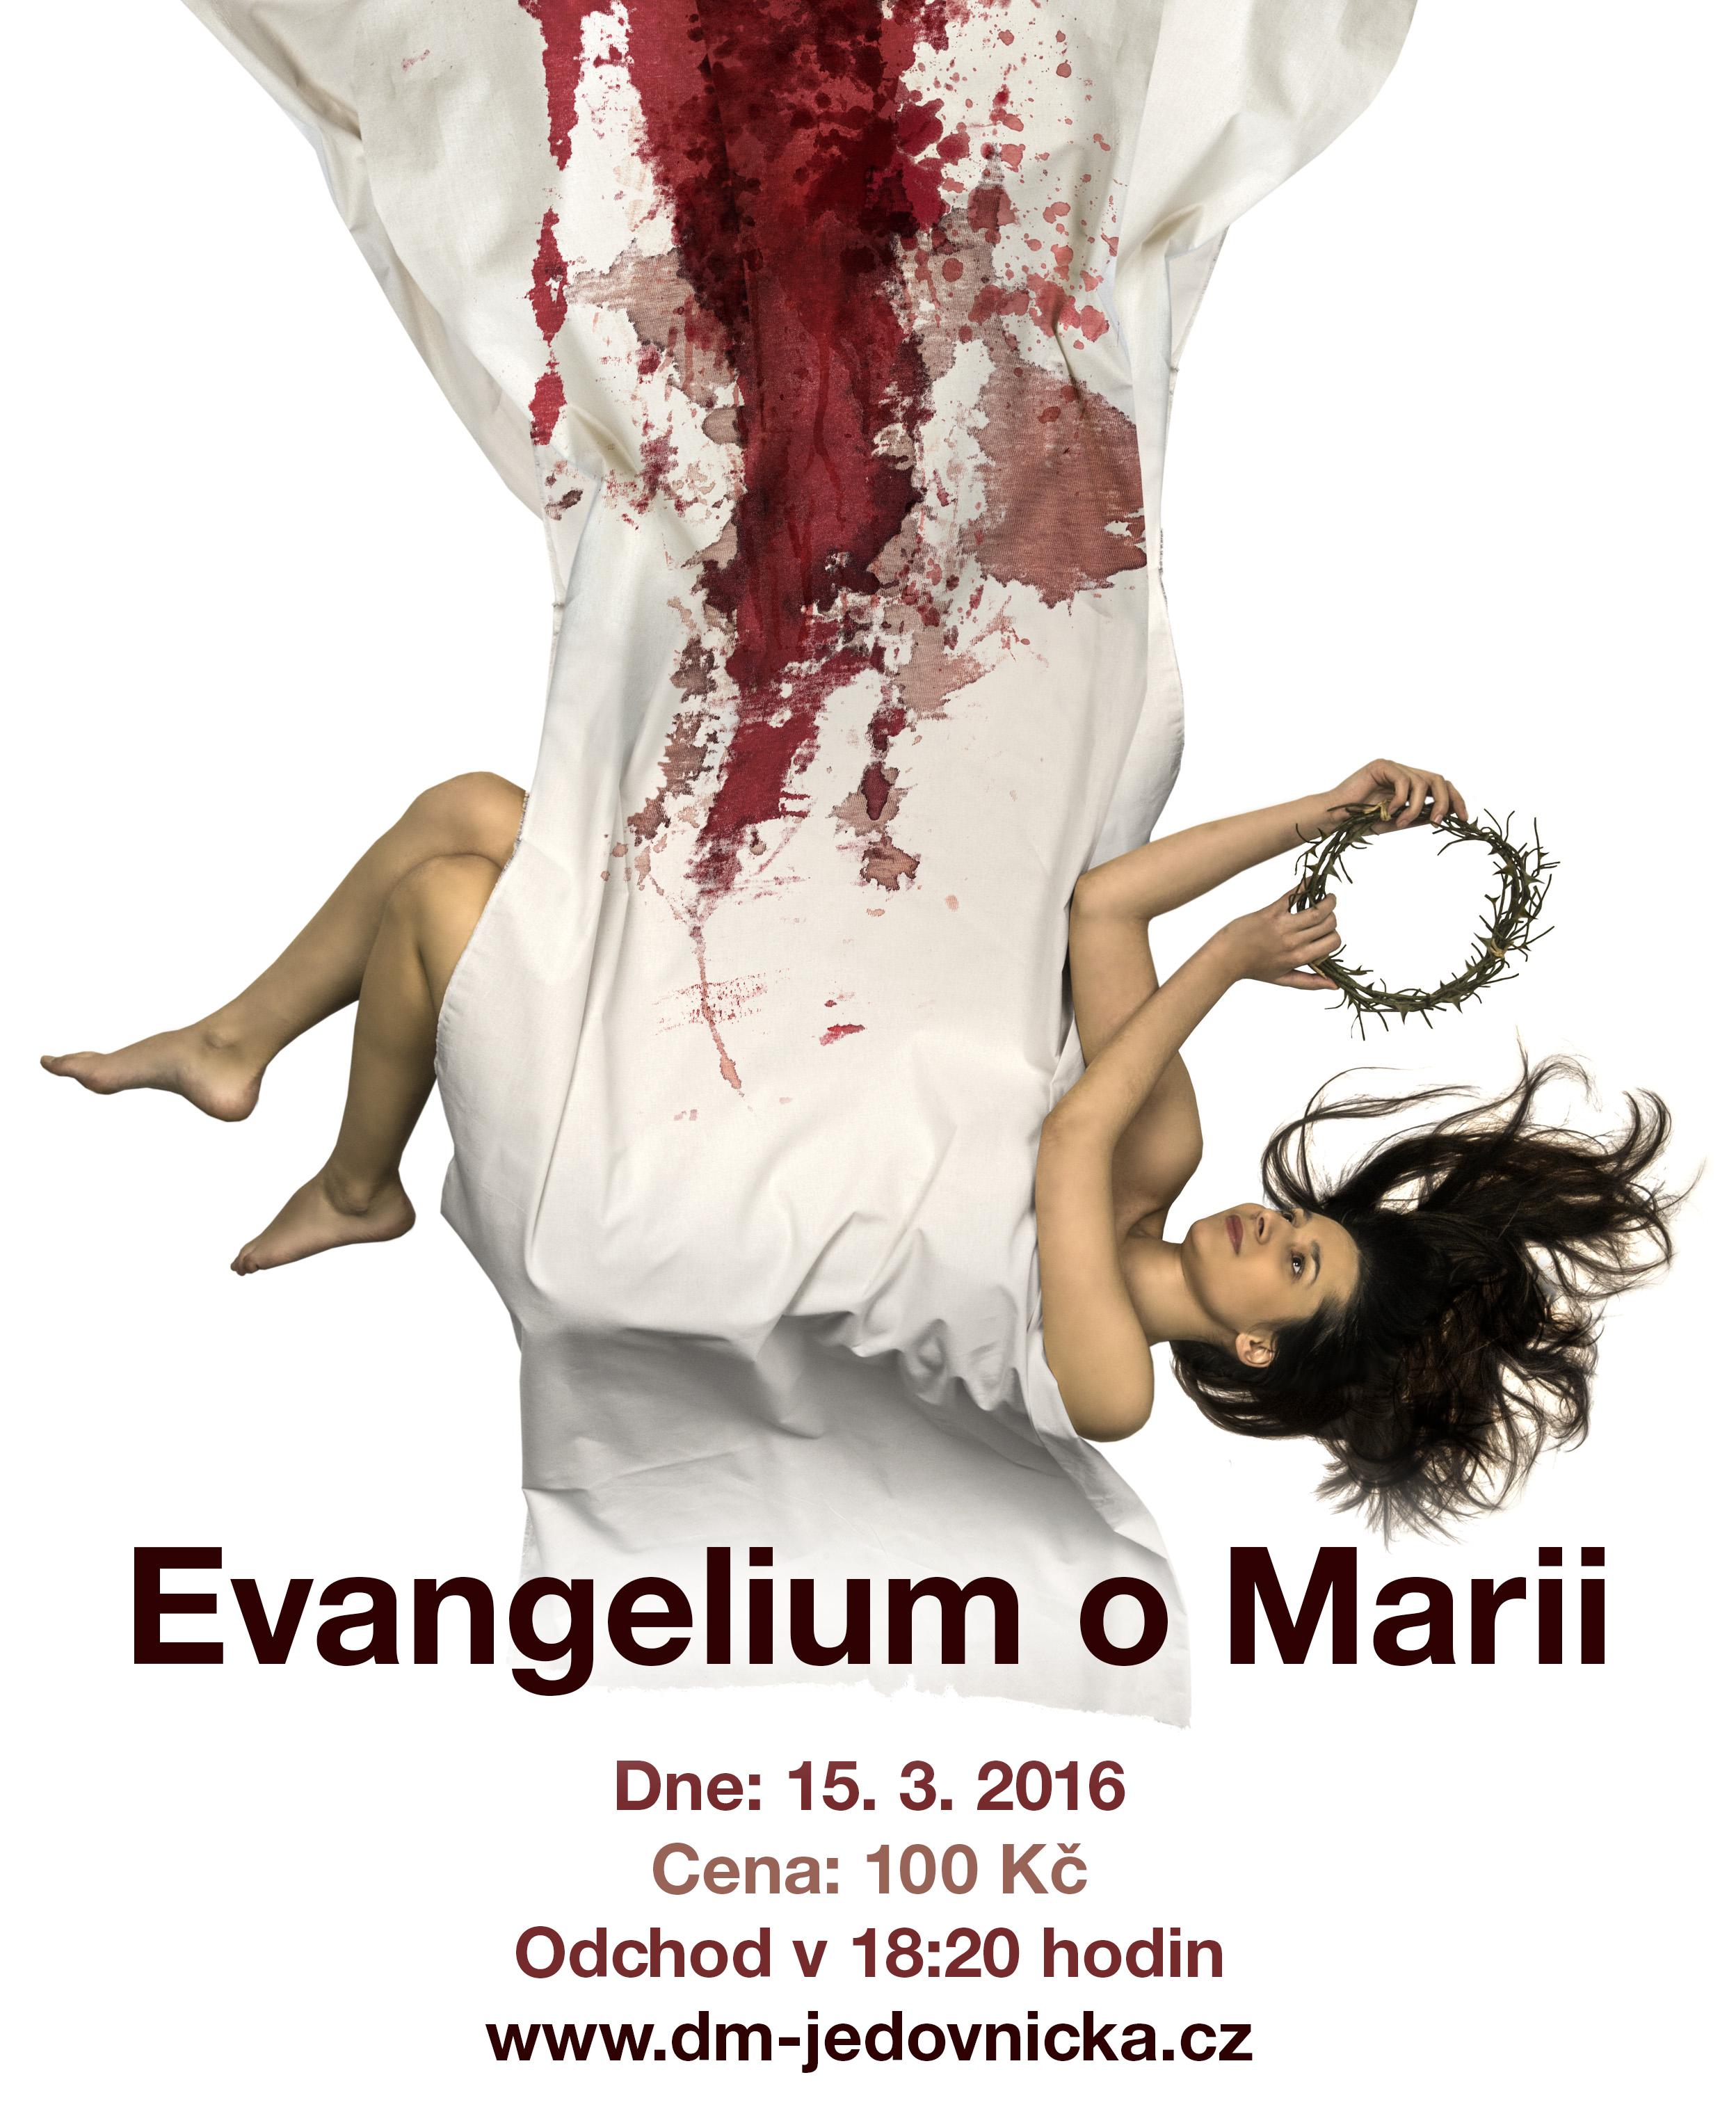 Evangelium o Marii